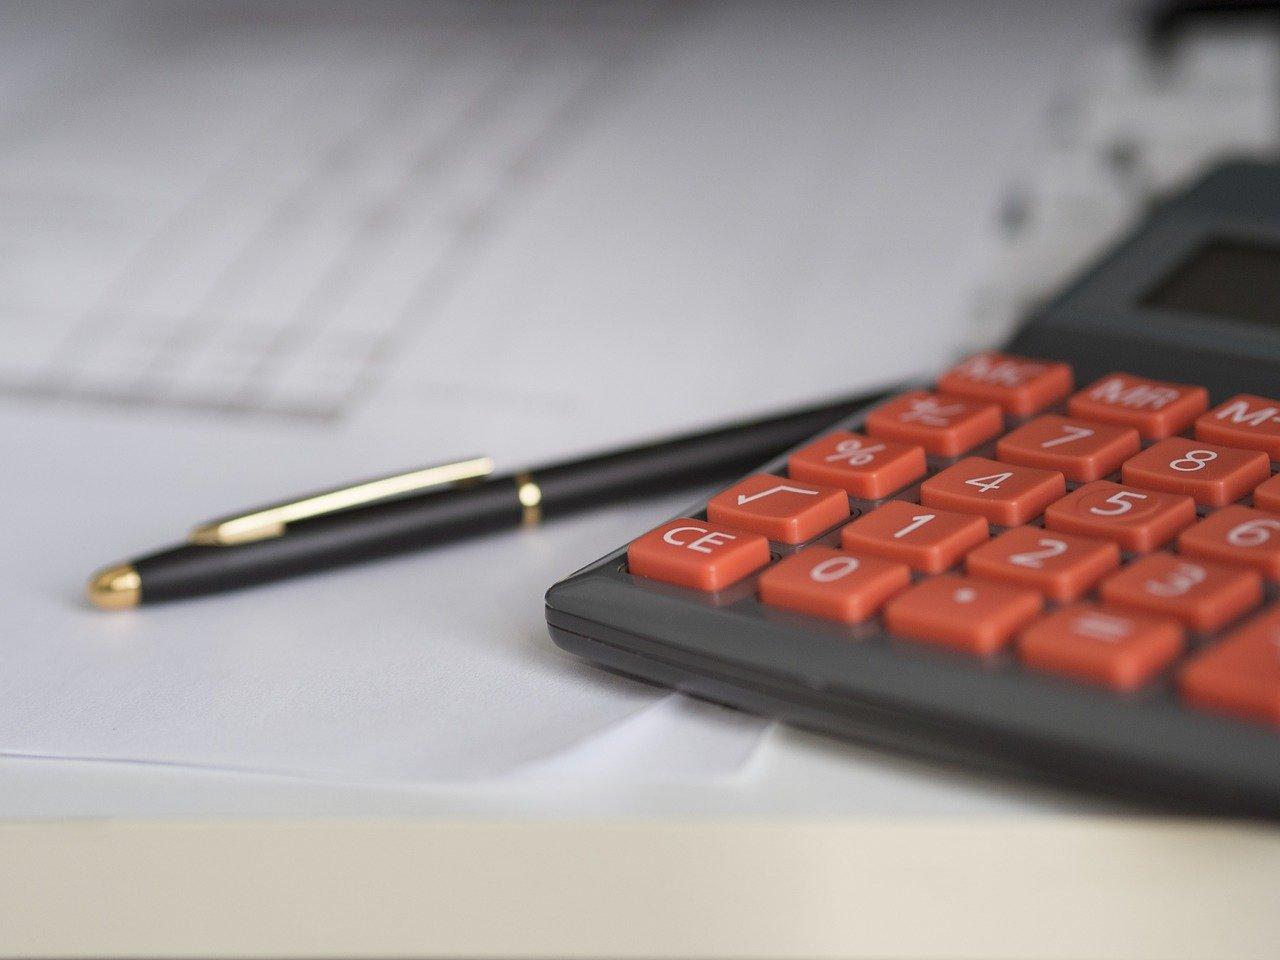 Taxa de Custódia: o que é e como é cobrada essa taxa?